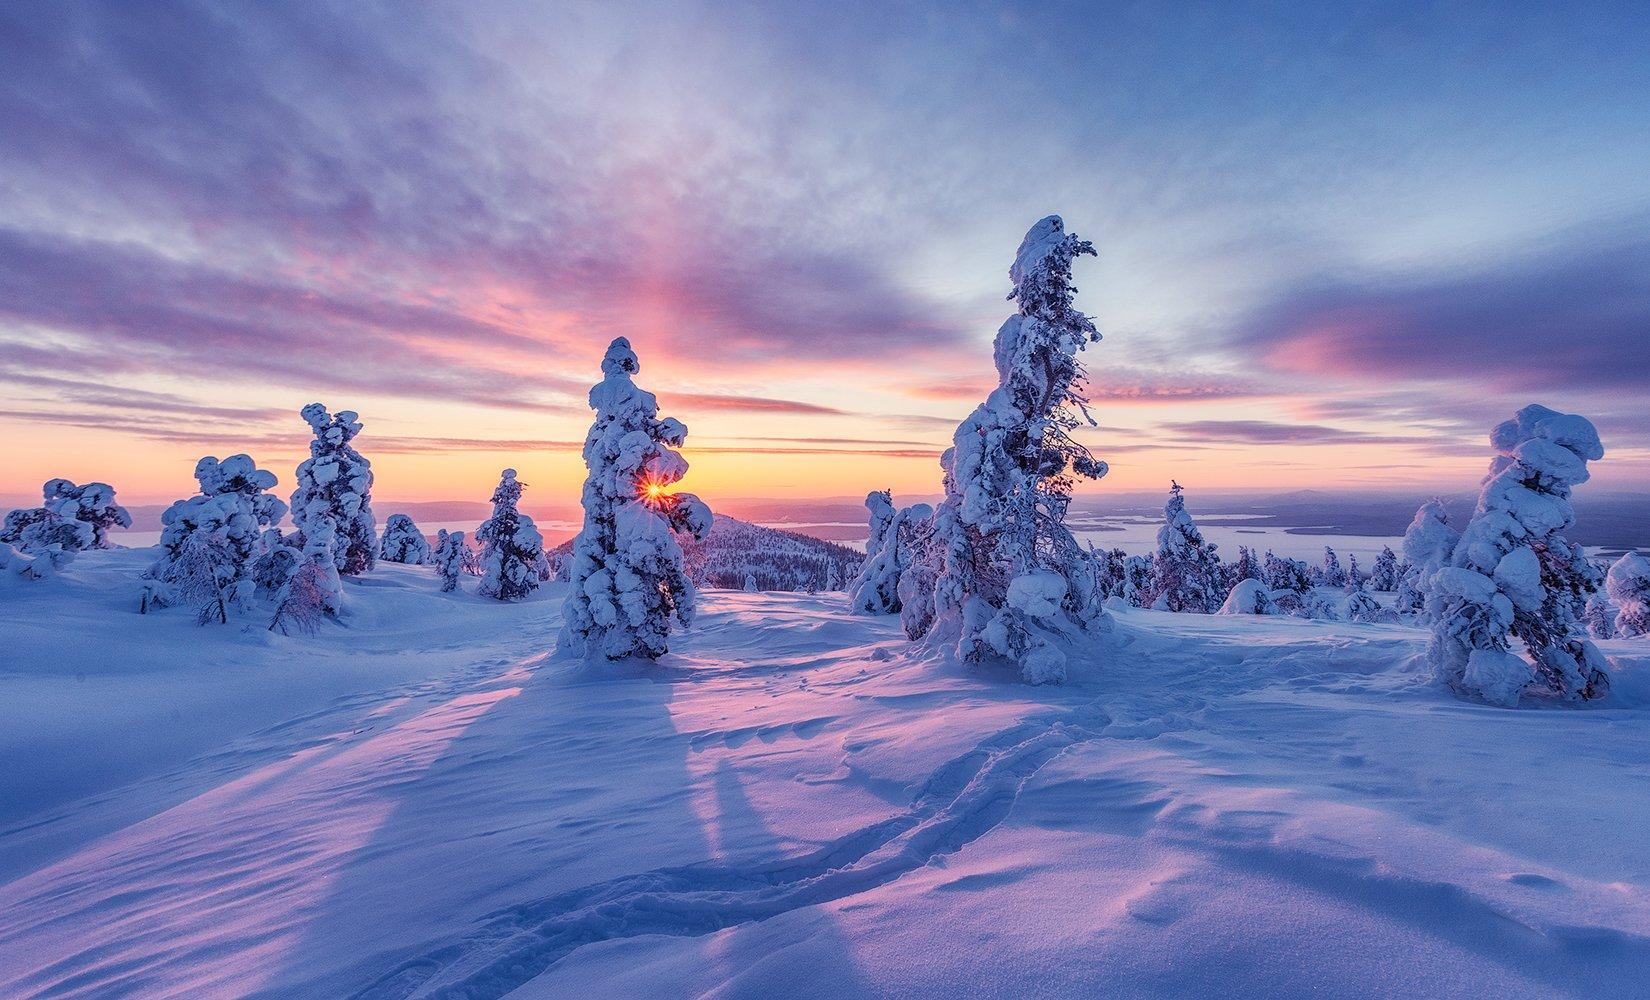 заполярье, гора, снег, волосная, ели, рассвет, закат, Липецких Владимир